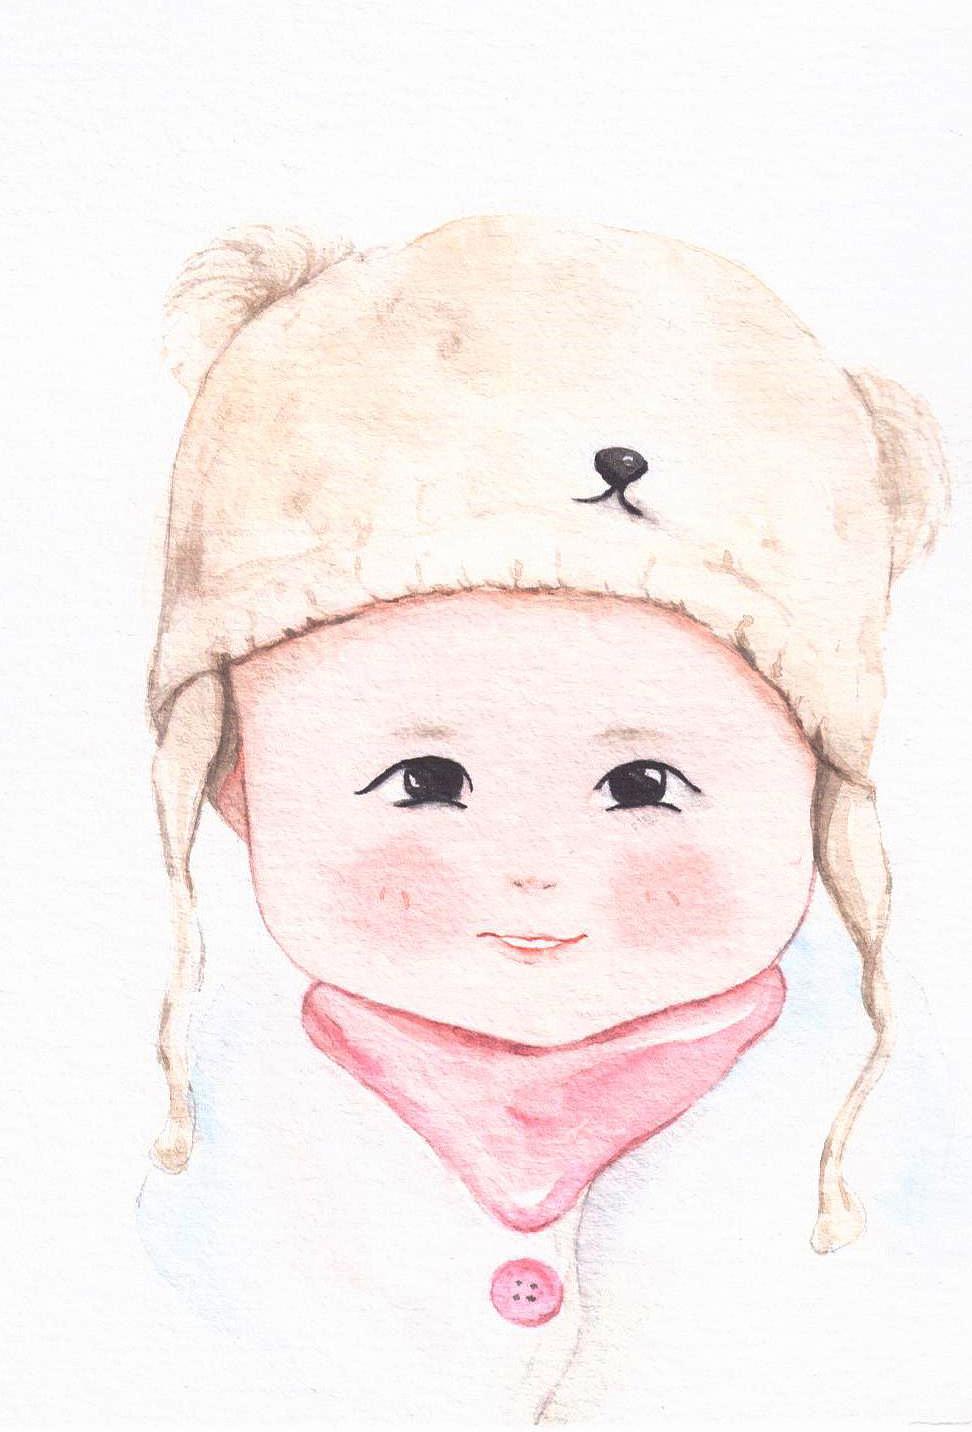 萌娃宝宝可爱手绘水彩画像